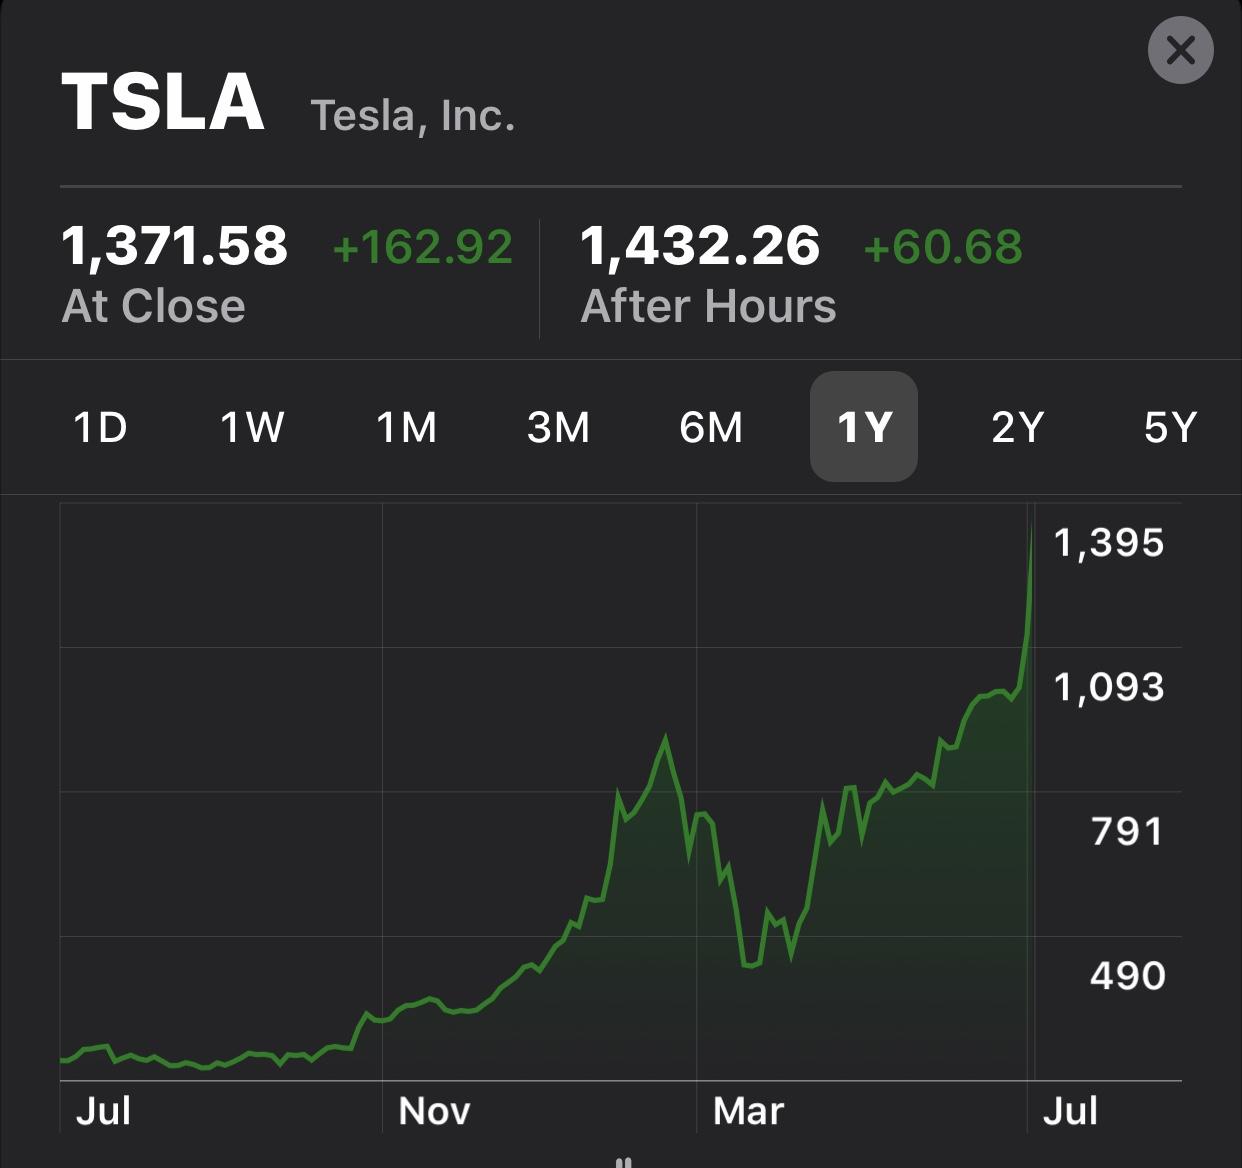 the best way to get rich, buy tesla?